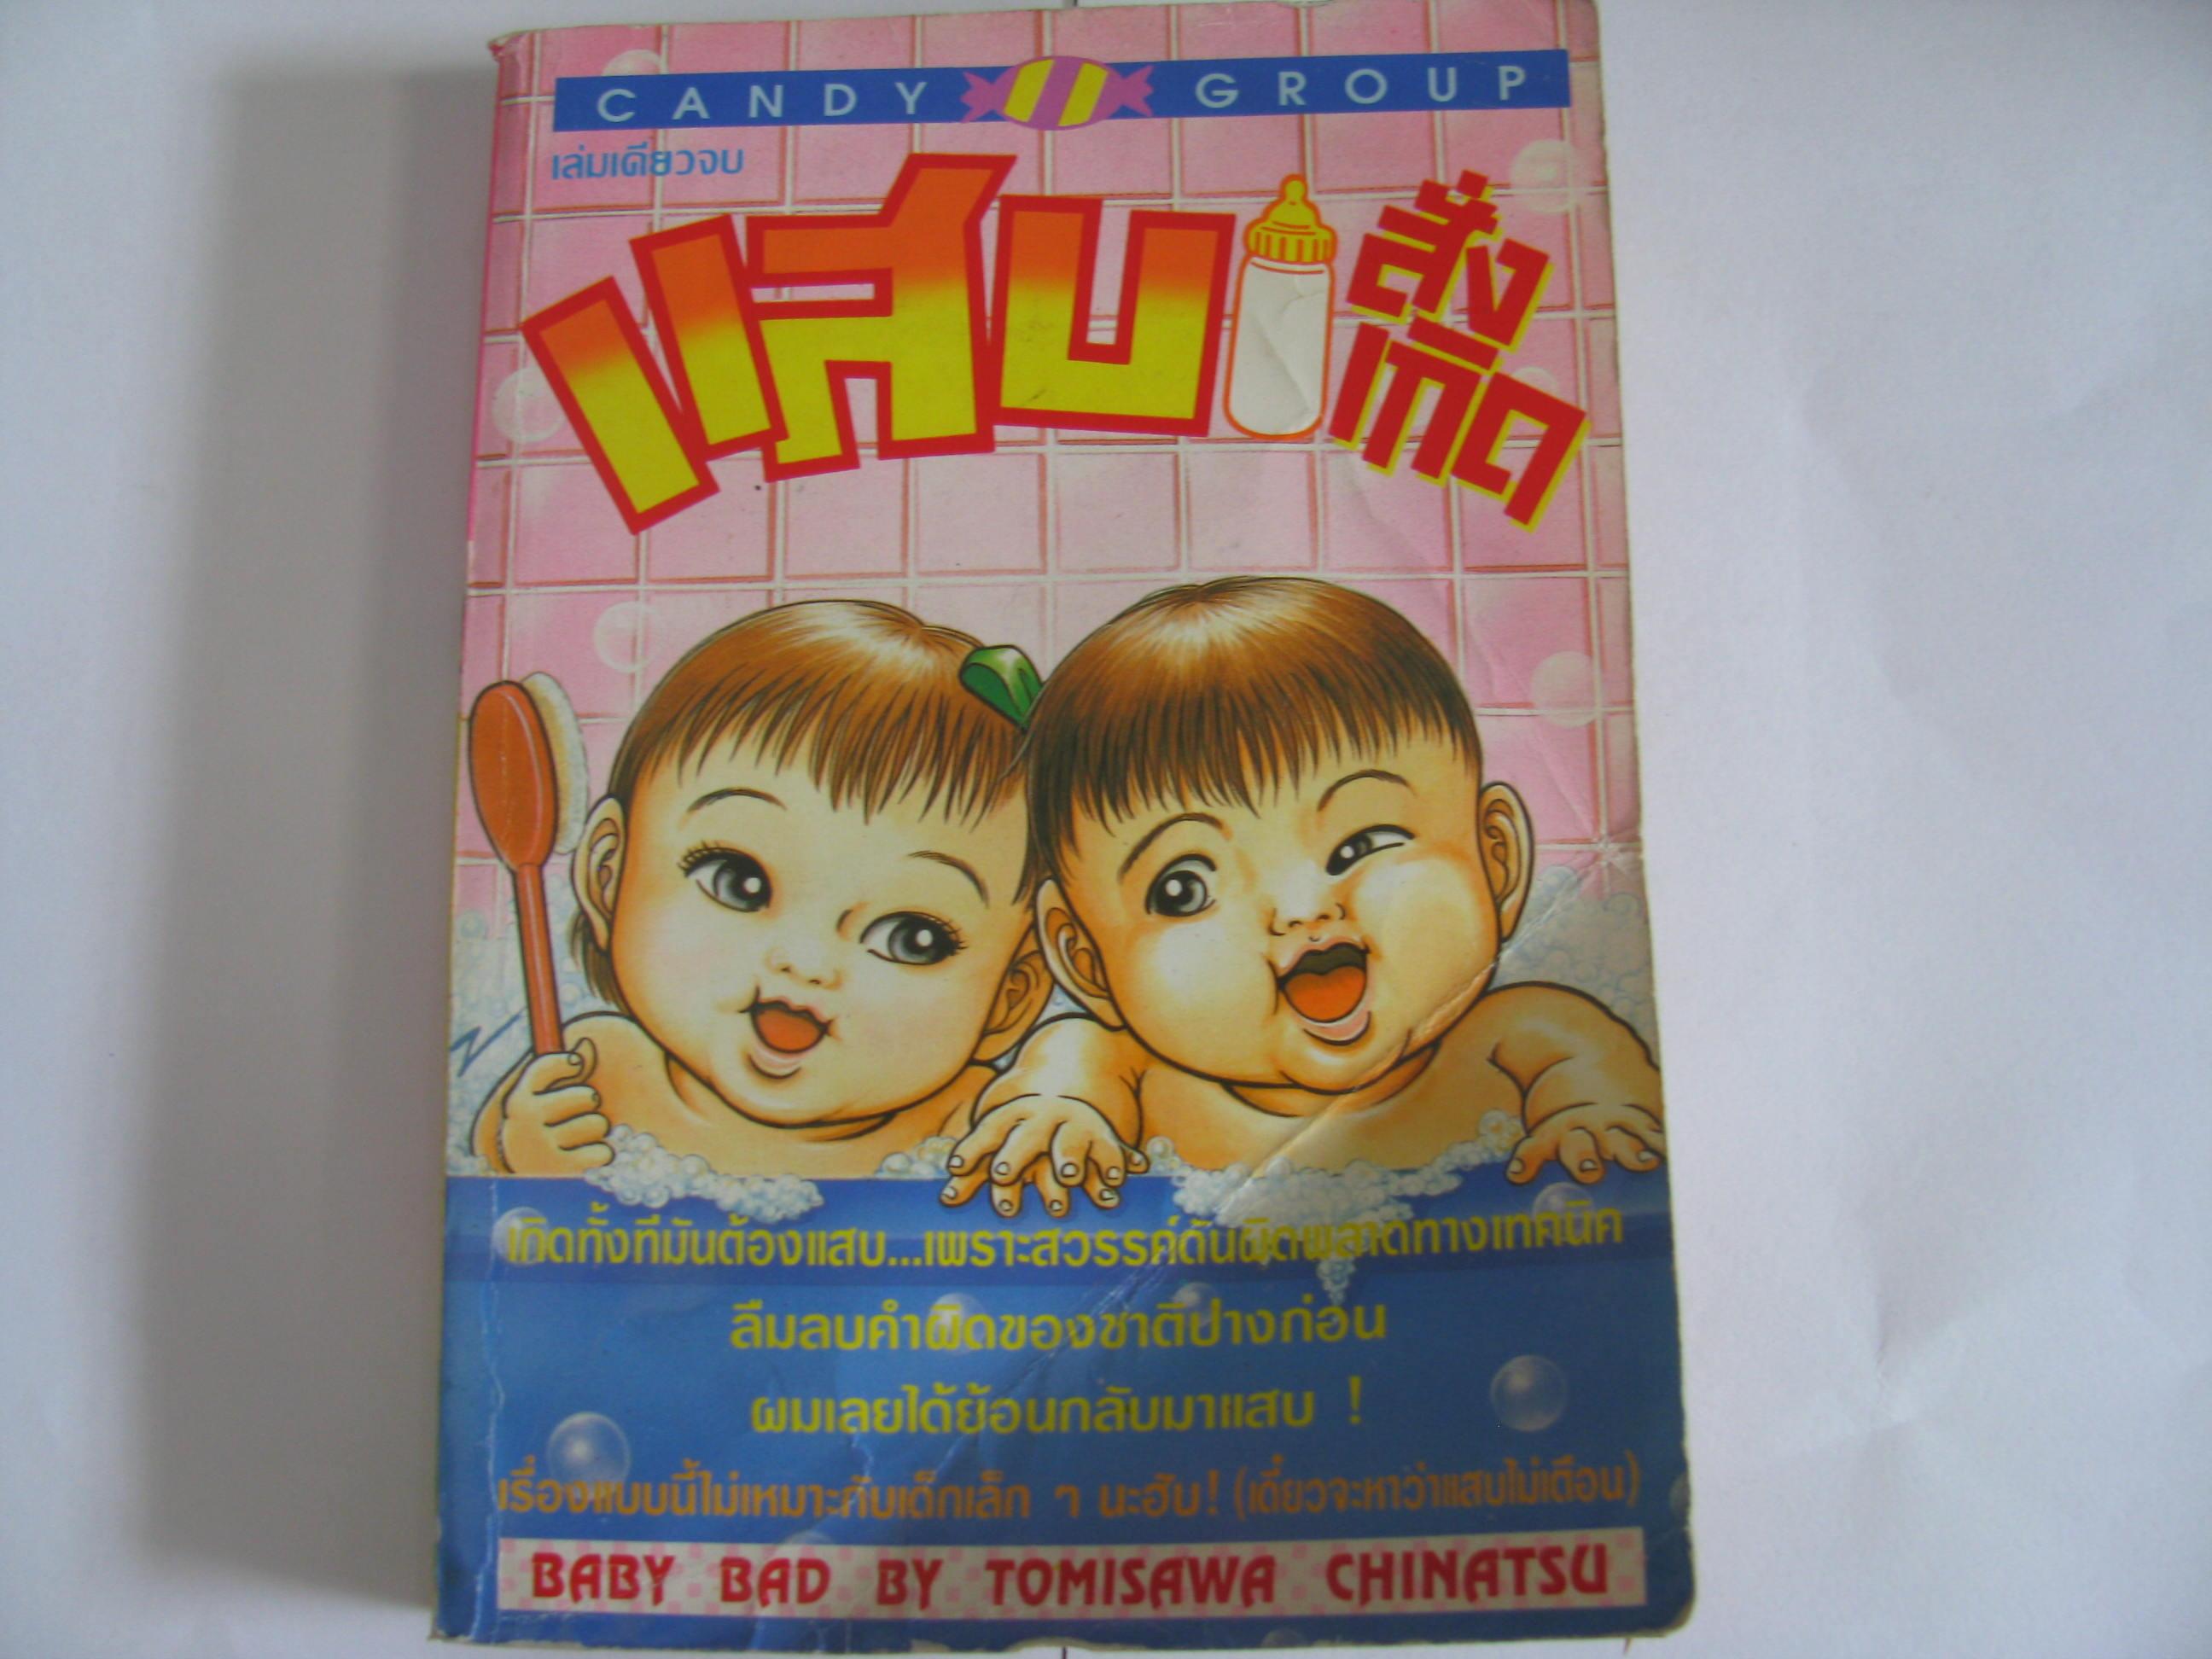 แสบสั่งเกิด เล่มเดียวจบ Tomisawa Chinatsu เขียน***สินค้าหมด***